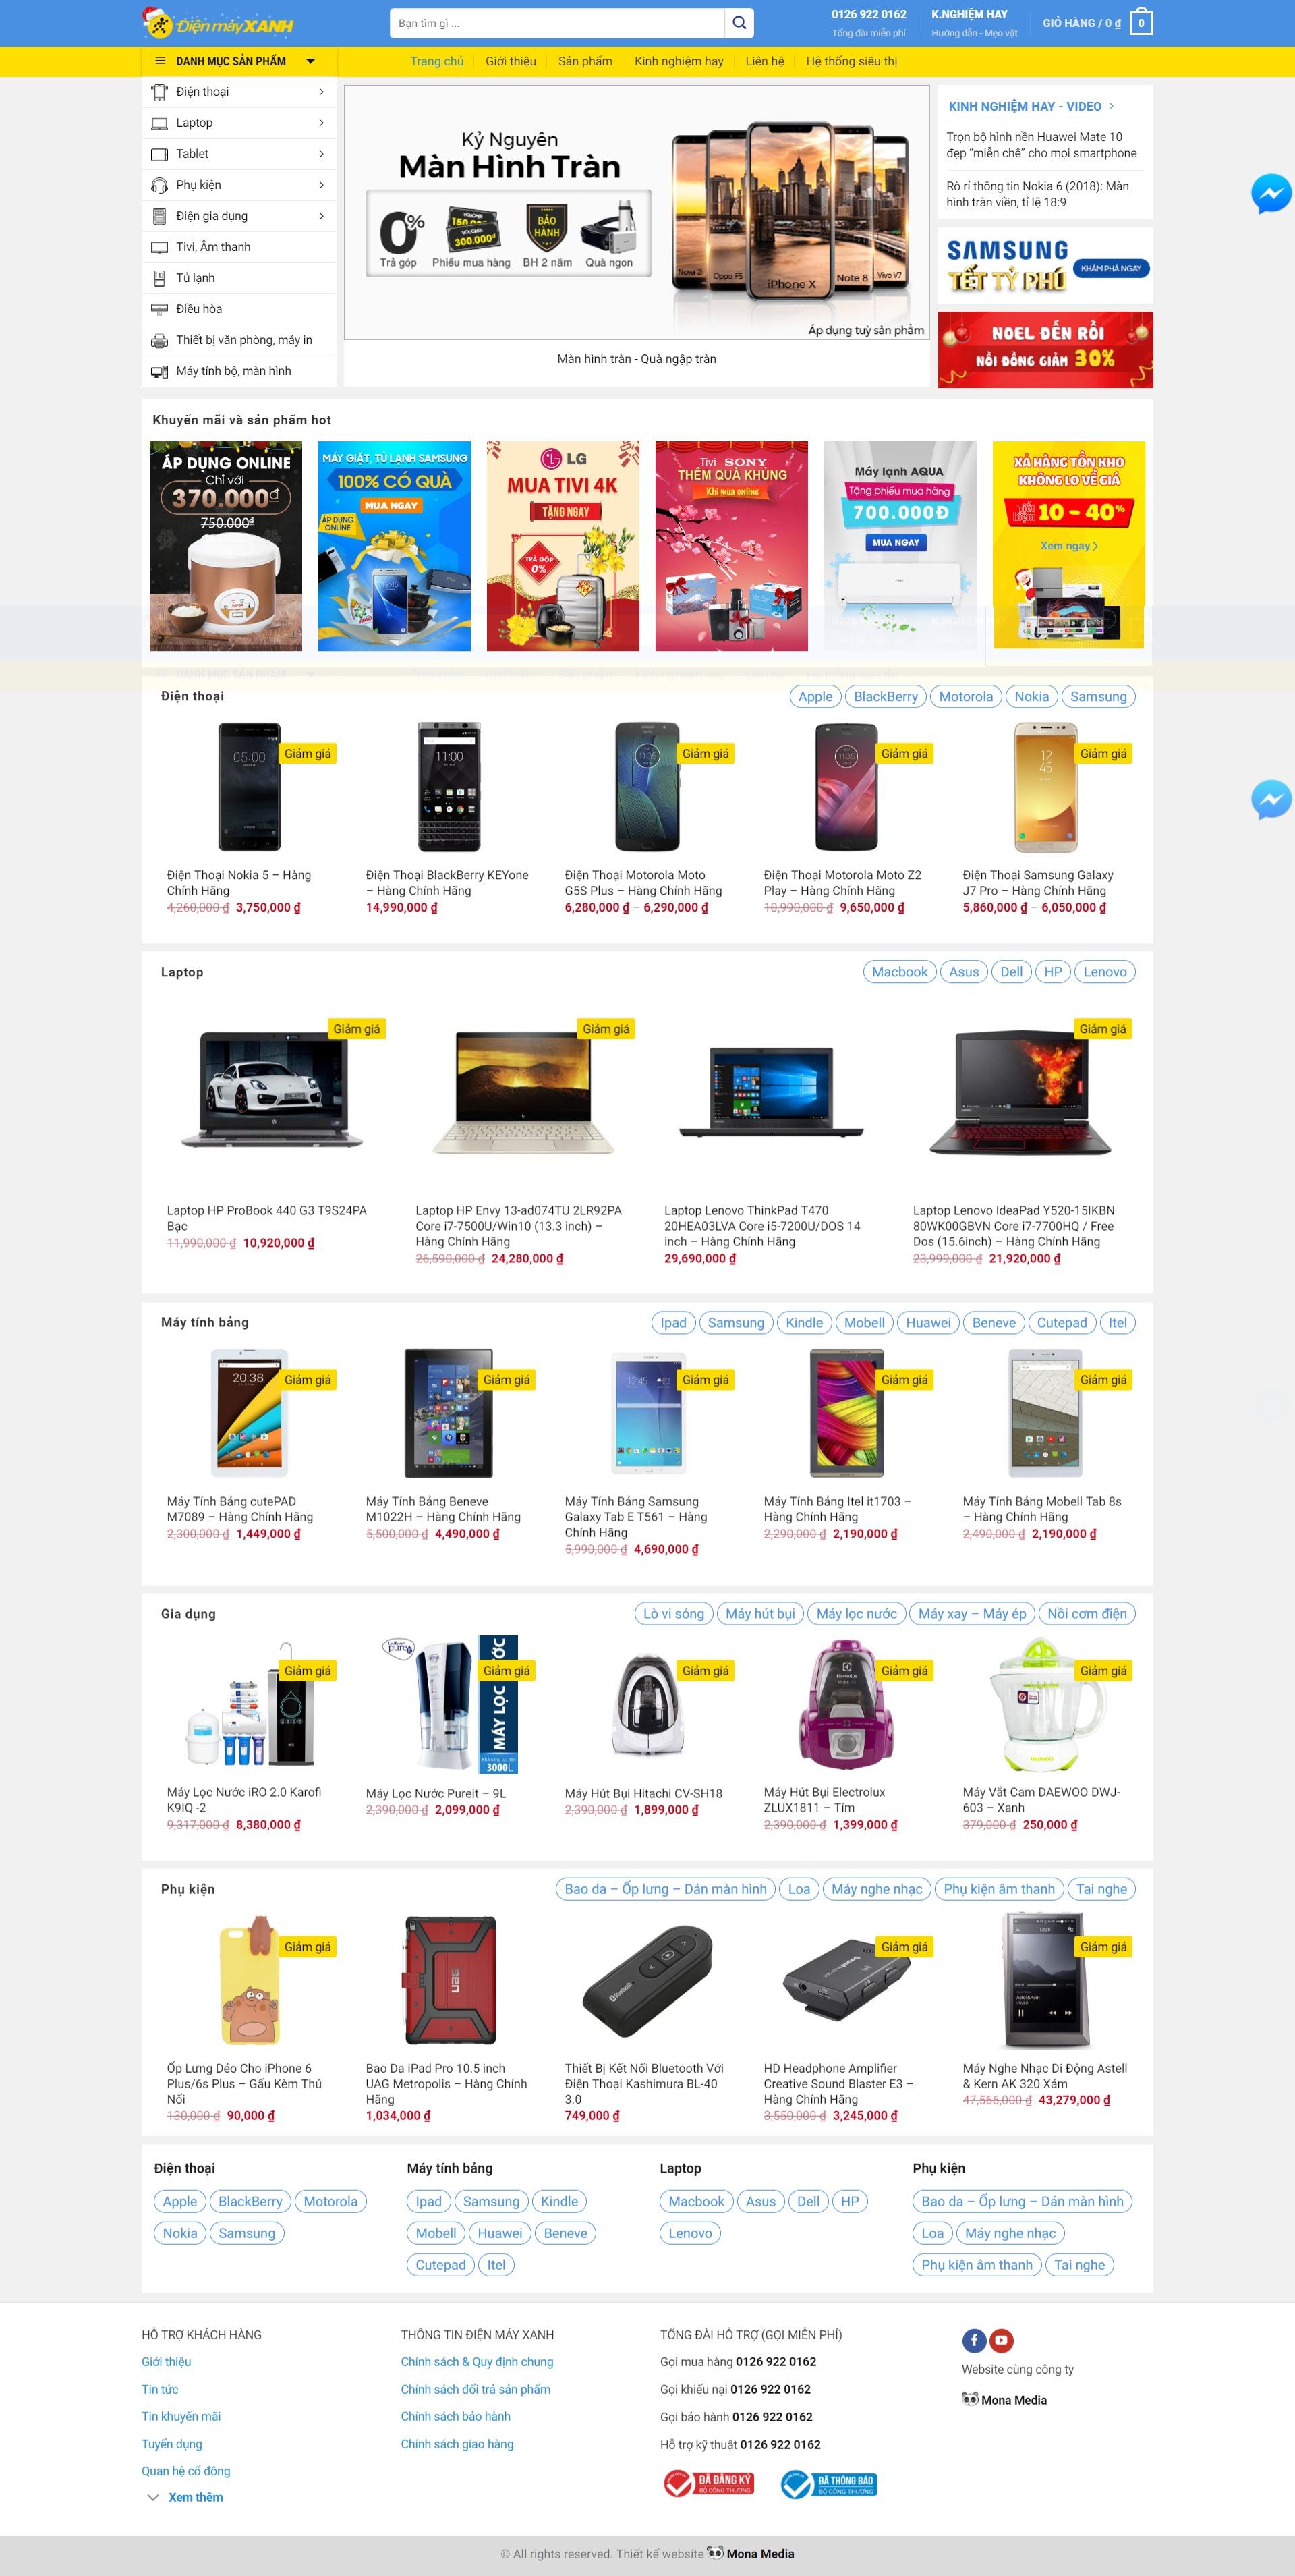 Mẫu website bán hàng giống Điện máy xanh